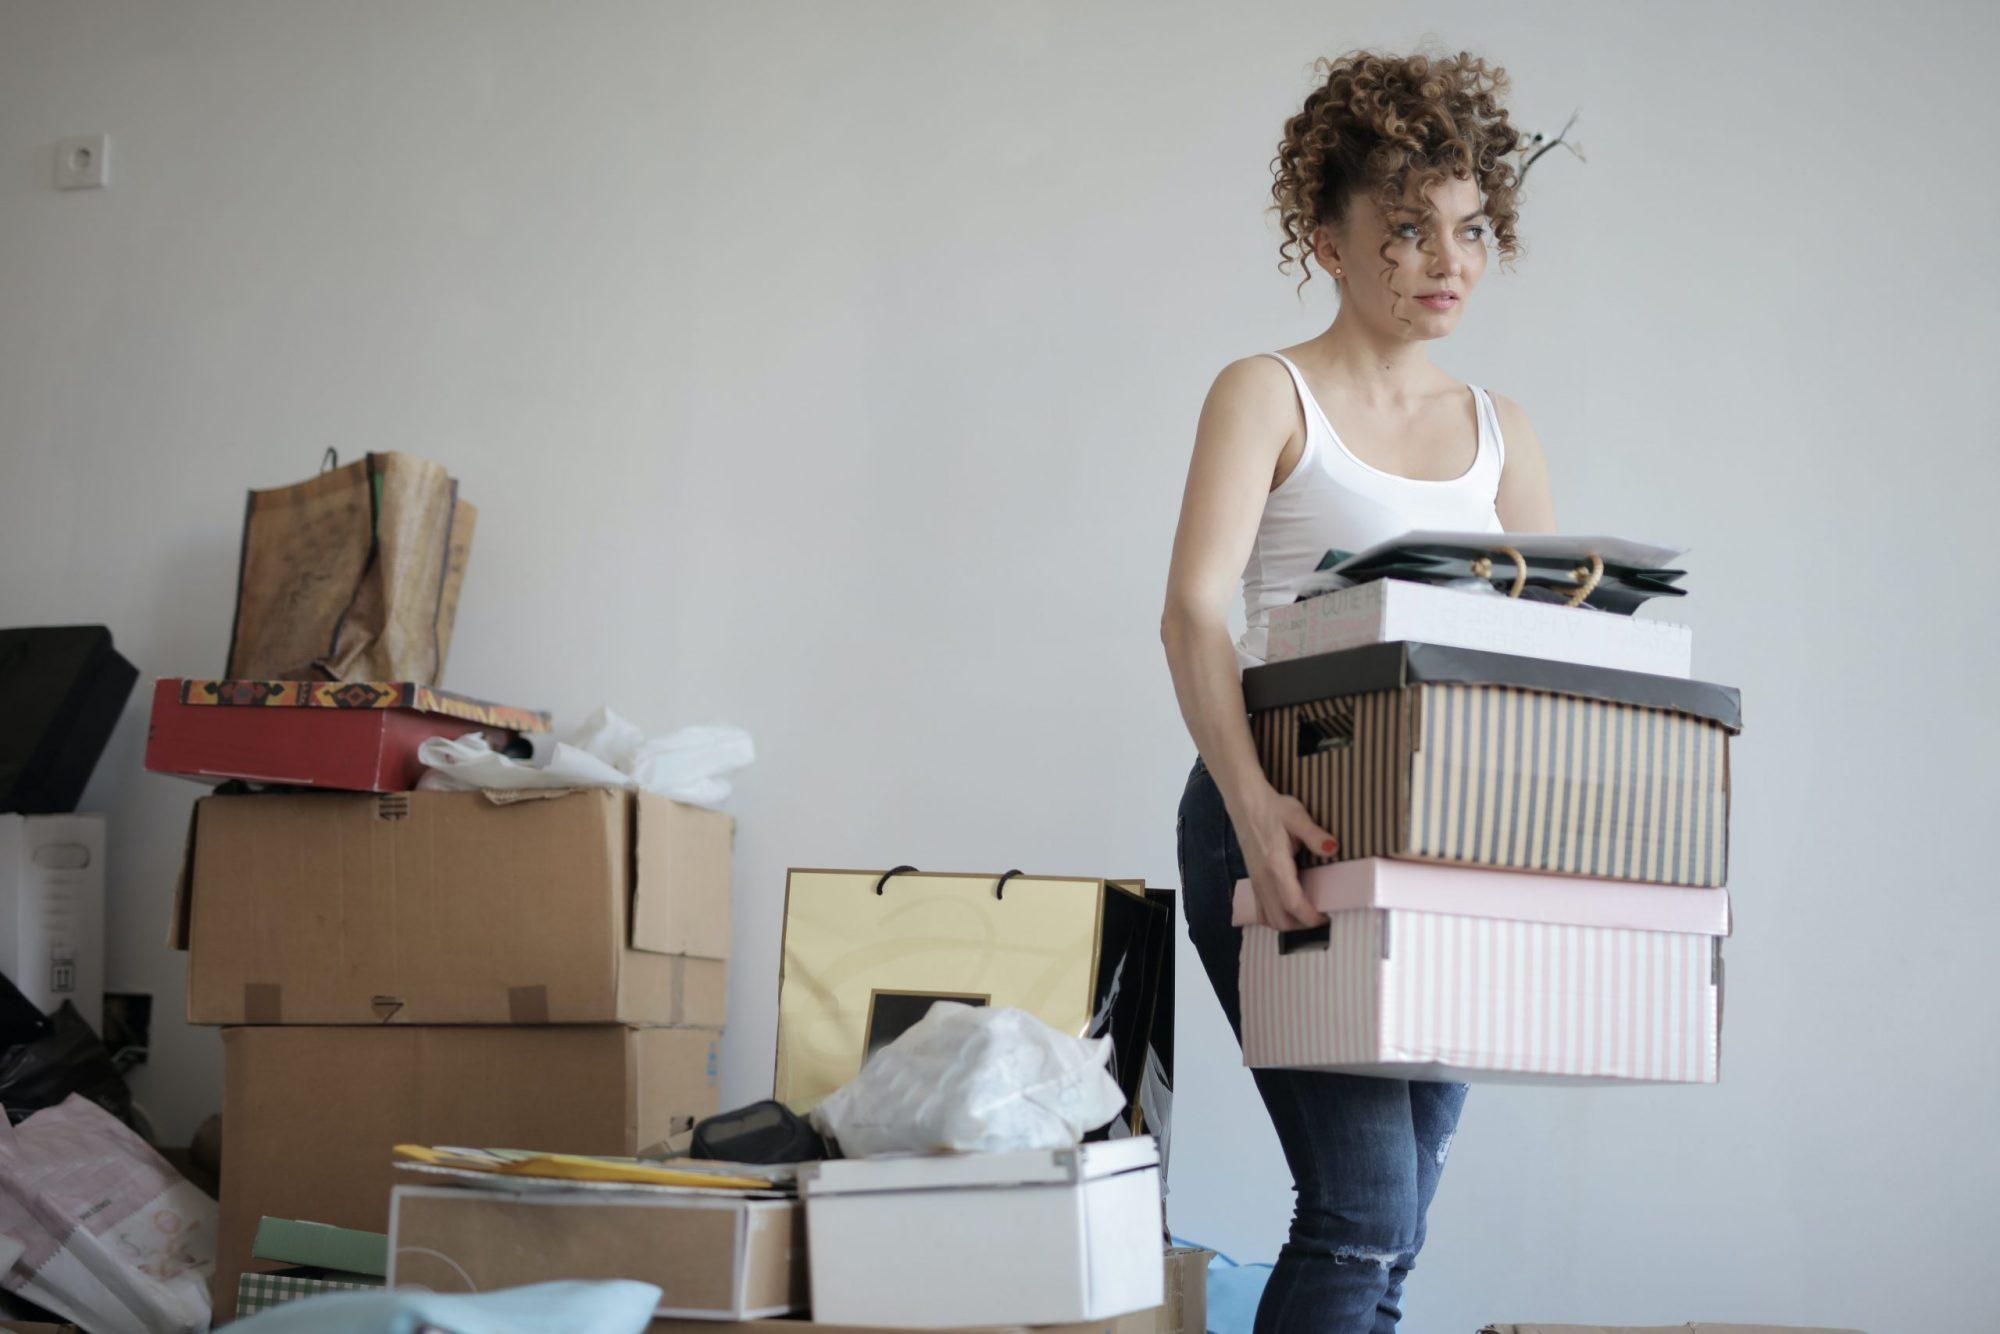 költözés, albérlet, dobozok